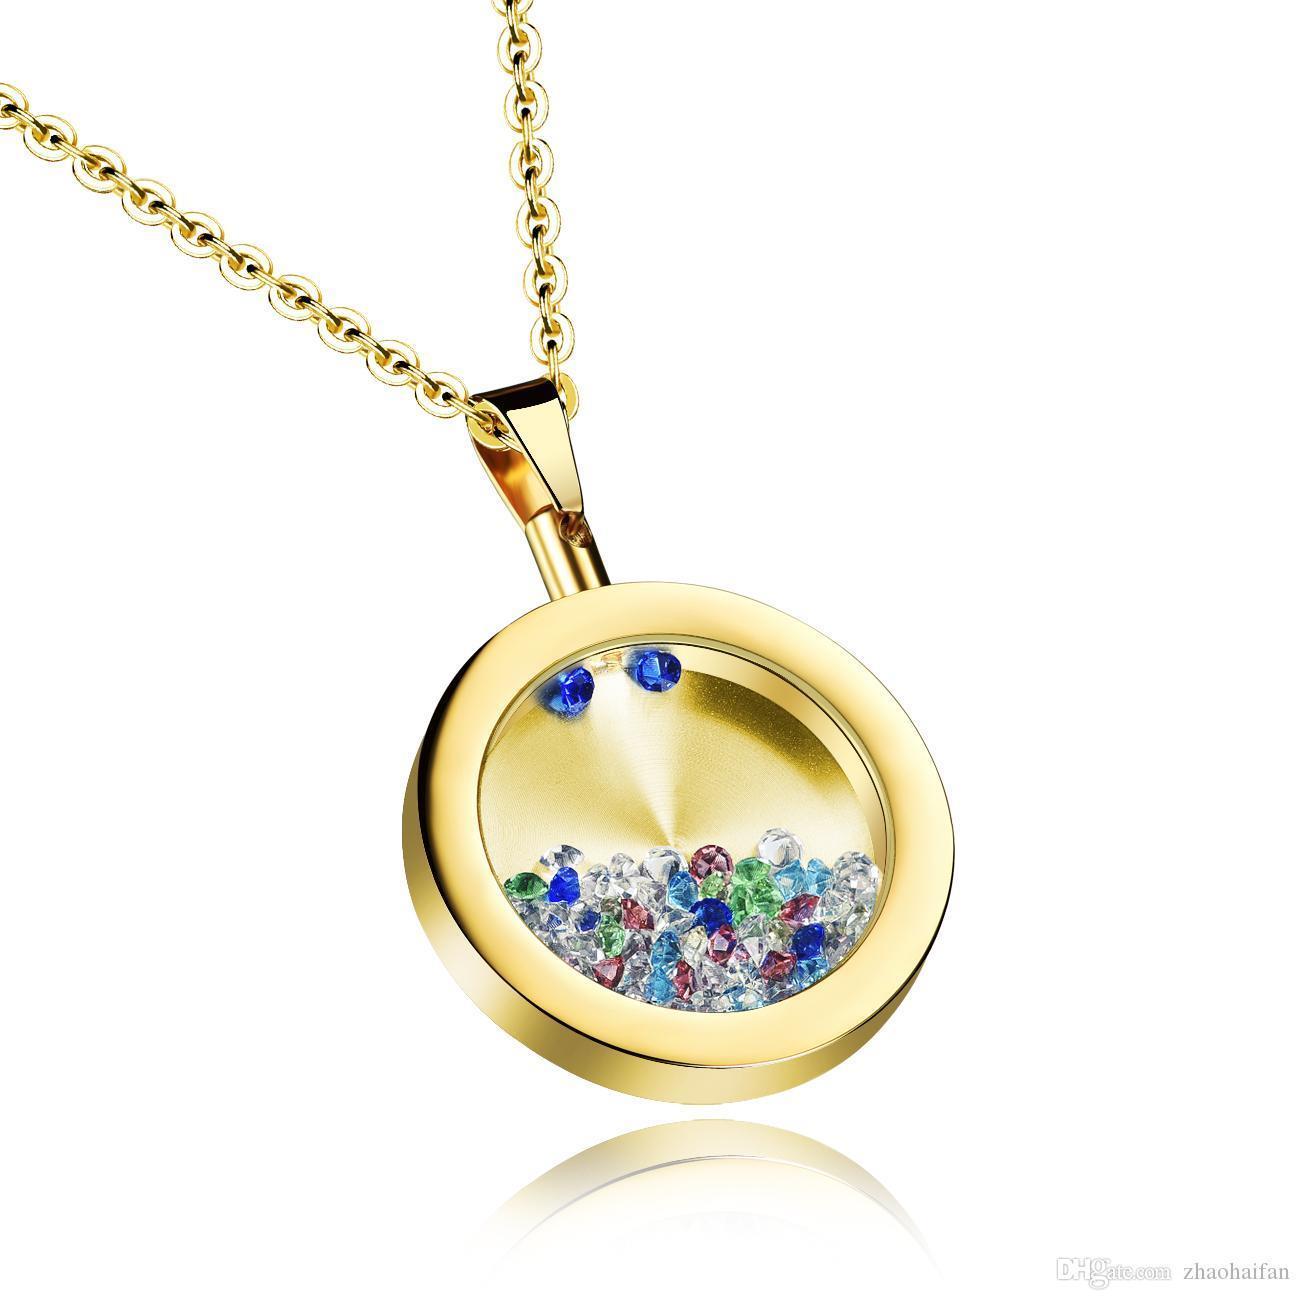 ZHF JÓIAS Unisex Desejando garrafa pingente romântico redonda de aço inoxidável pingentes colares gratuito Chain Link DGX1059 moda jóias